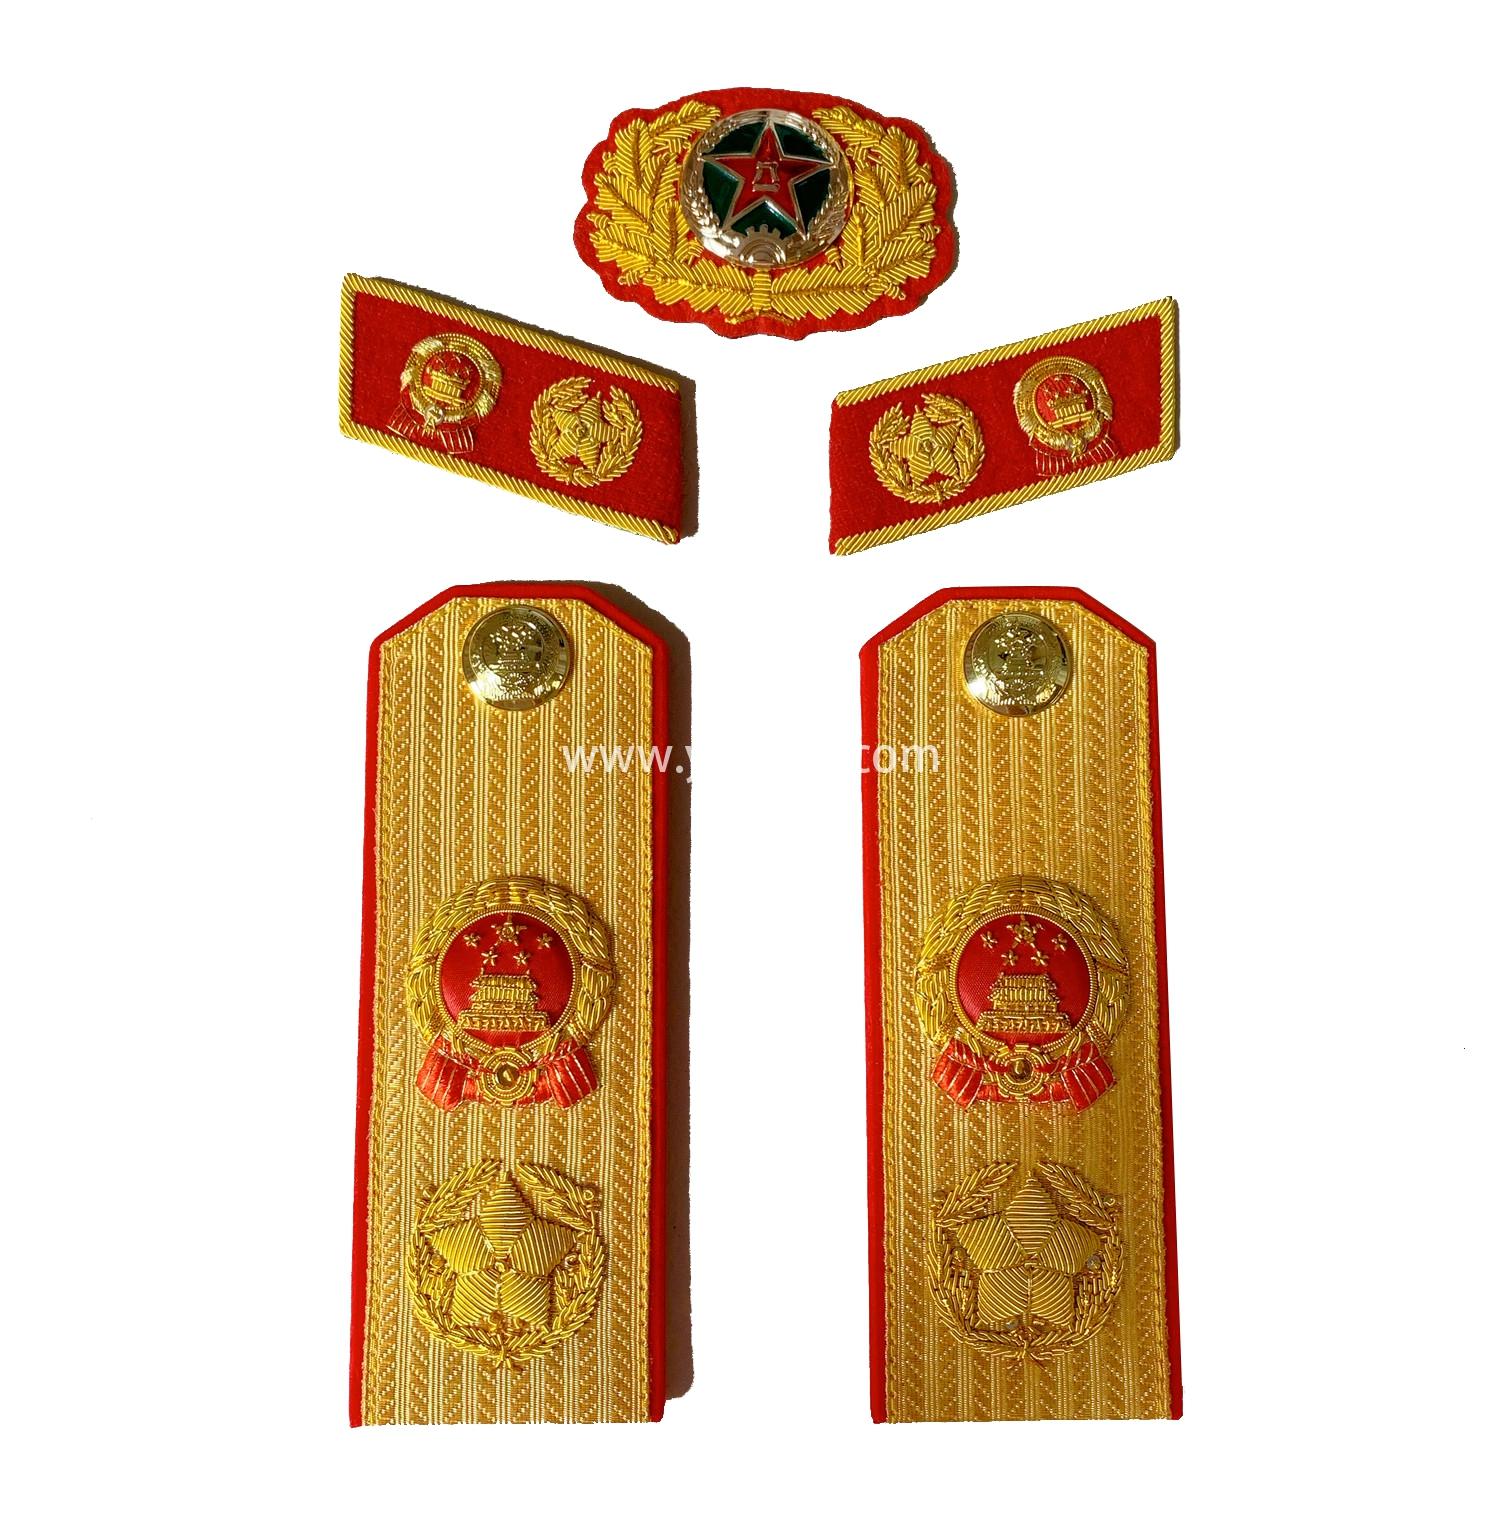 印度丝手工刺绣苏联大元帅肩章满底金正红边55式常服五星徽章松枝纪念章